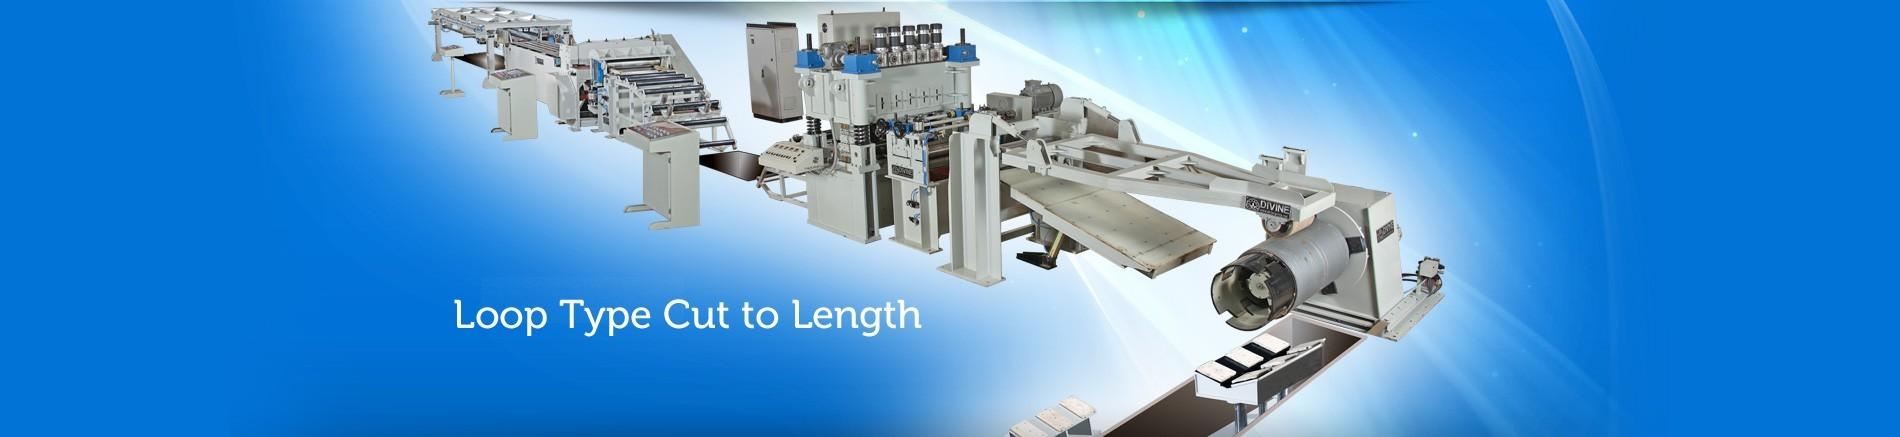 Loop Type Cut to Length